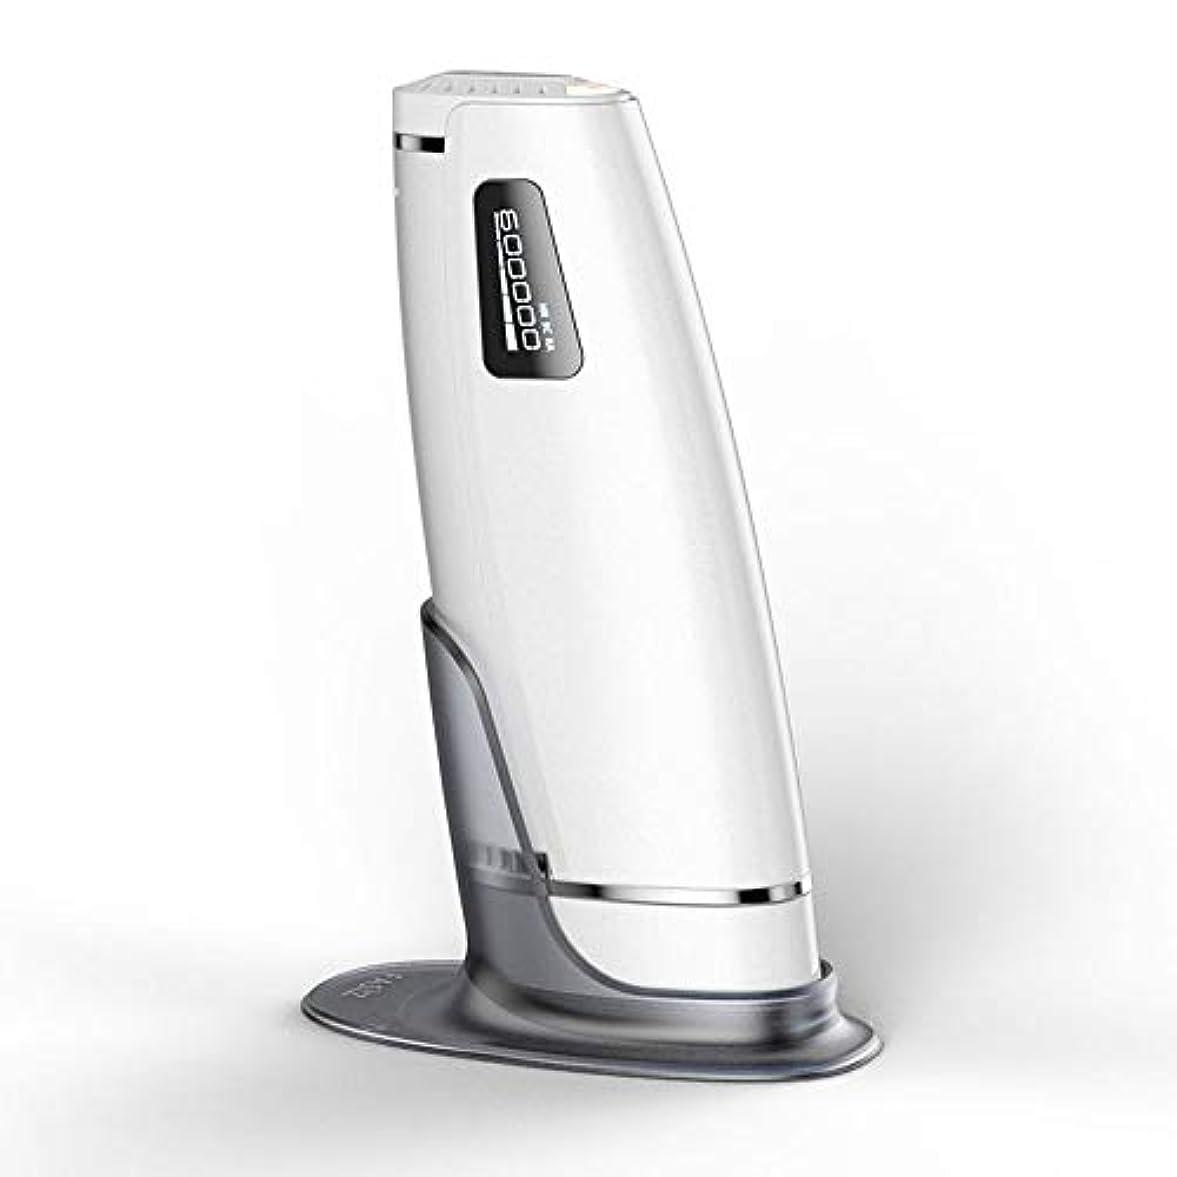 ダパイ 家庭用自動痛みのない毛の除去剤、白、携帯用永久的な毛の除去剤、二重モード、5つの速度調節、サイズ20.5 X 4.5 X 7 Cm U546